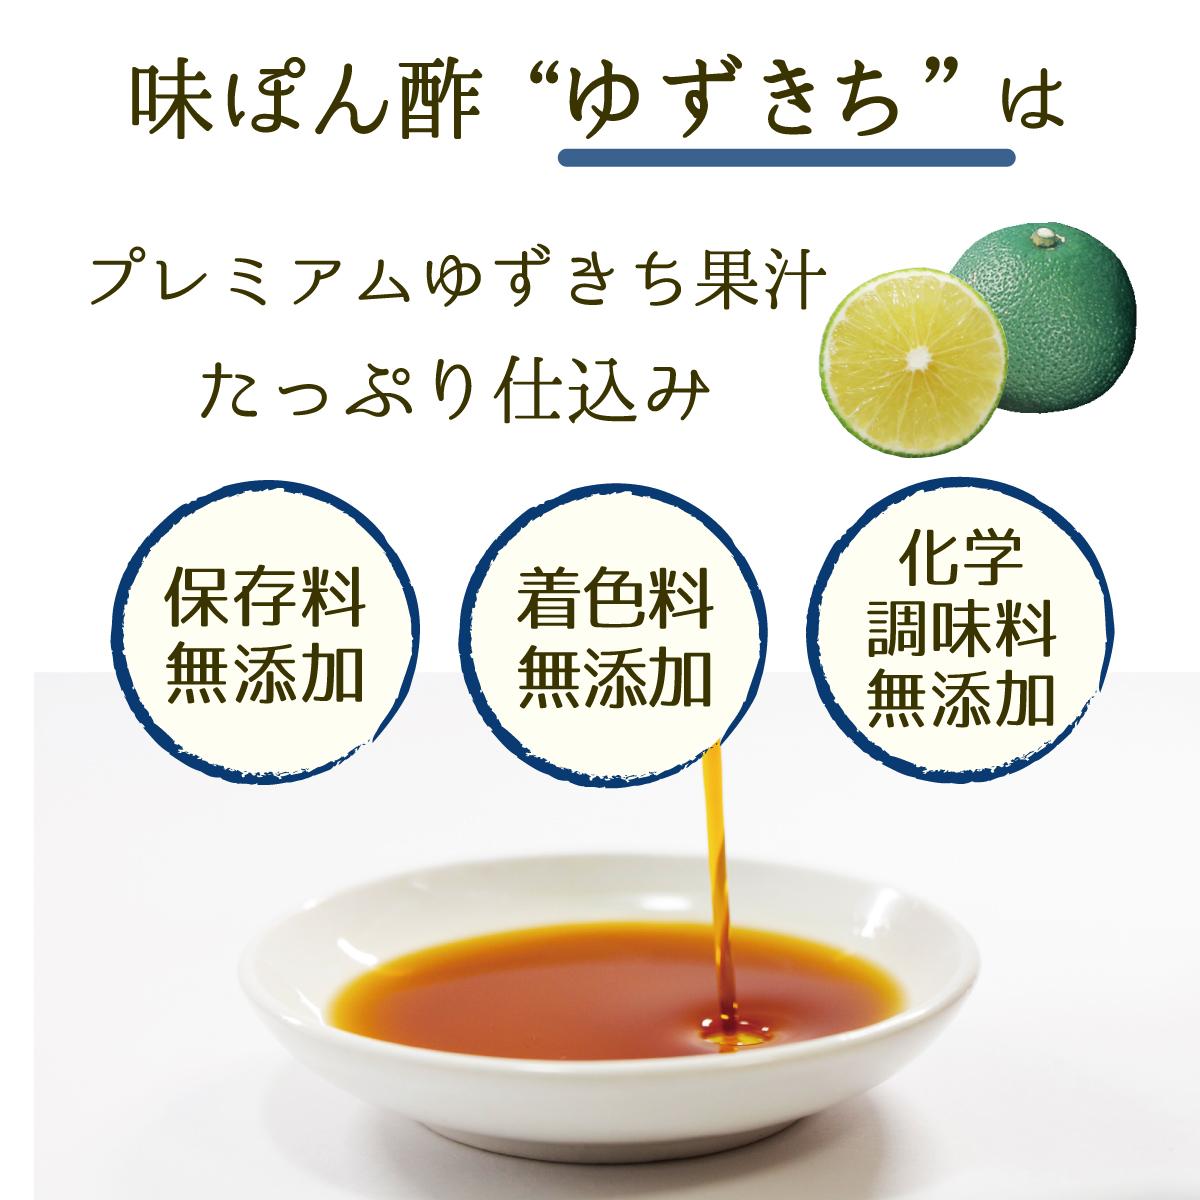 味ぽん酢ゆずきちはプレミアム長門ゆずきち果汁たっぷり仕込み